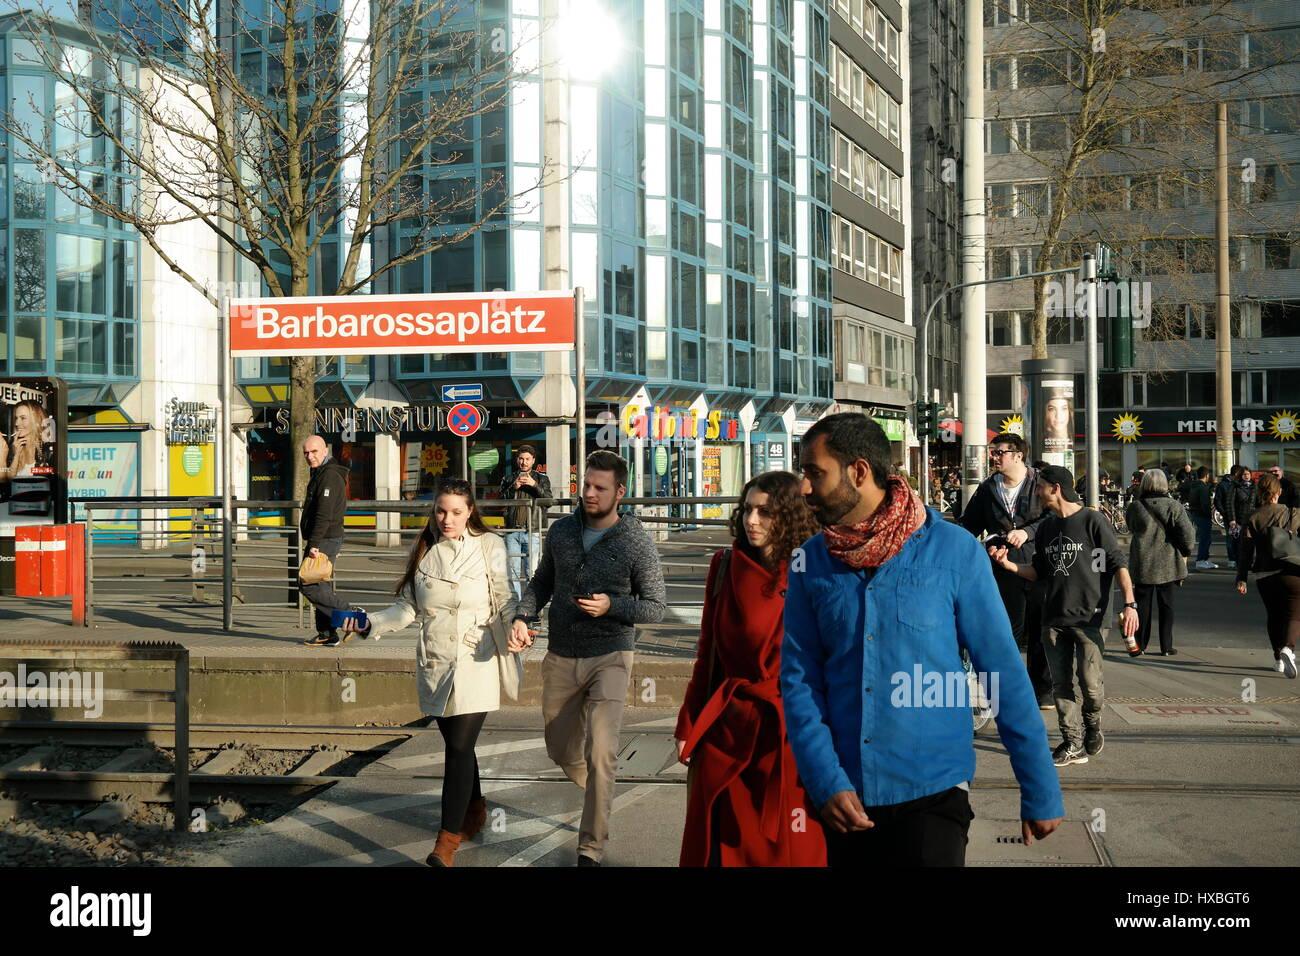 Barbarossaplatz in Köln (Cologne), Nordrhein-Westfalen, Deutschland - Stock Image